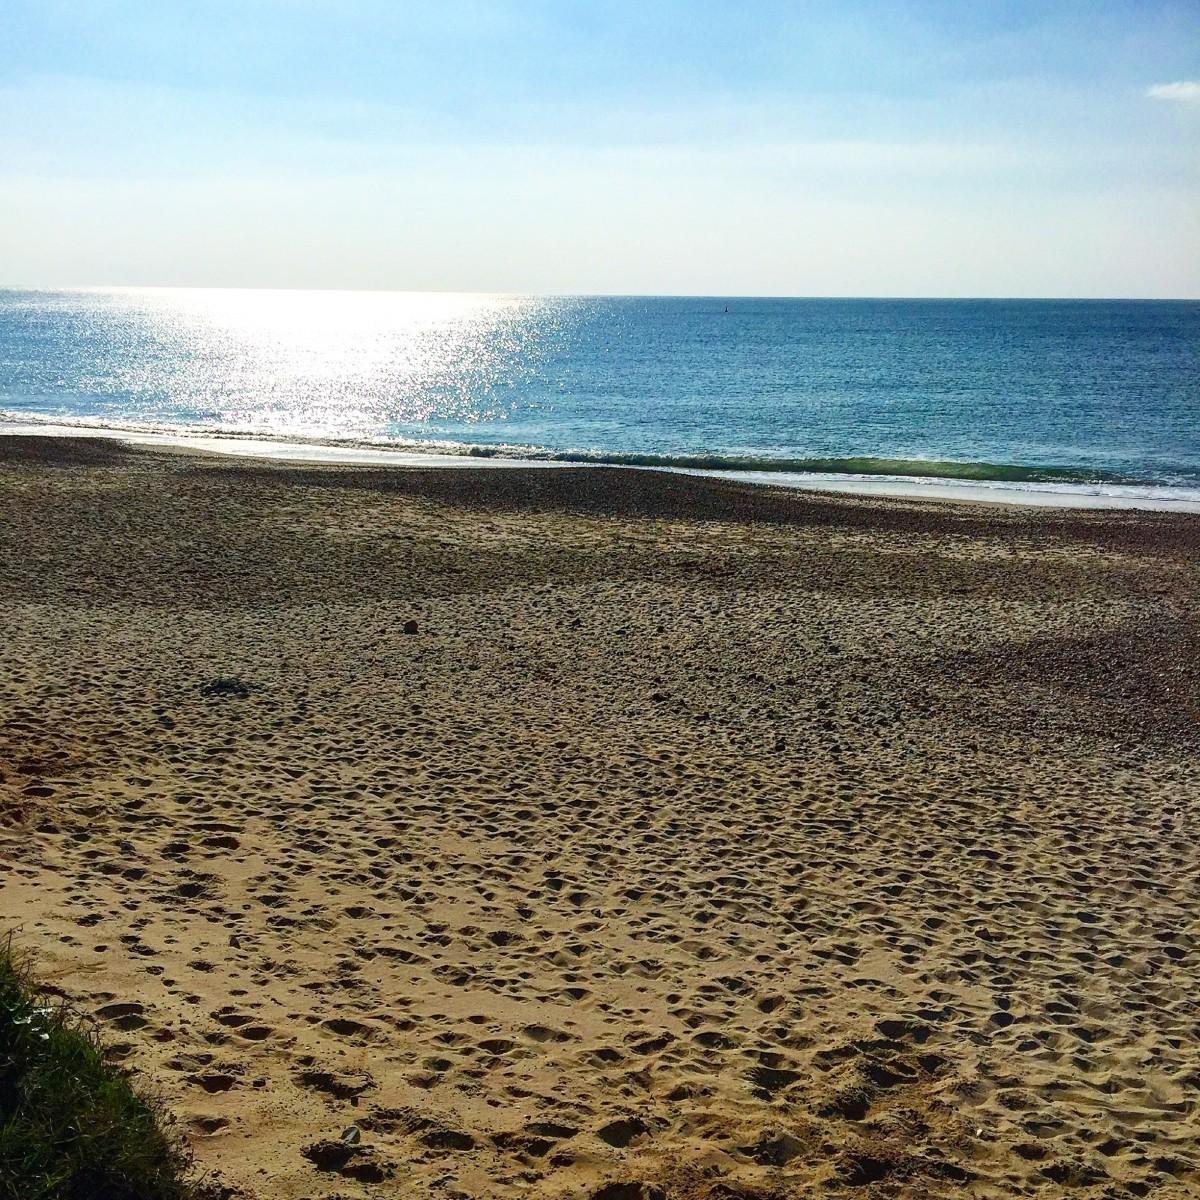 ビーチ, 海, 海岸, 砂, 海洋, 地平線, 太陽光, 海岸, 波, 休暇, 湾, 材料, 水域, ケープ, マッドフラット, 風の波